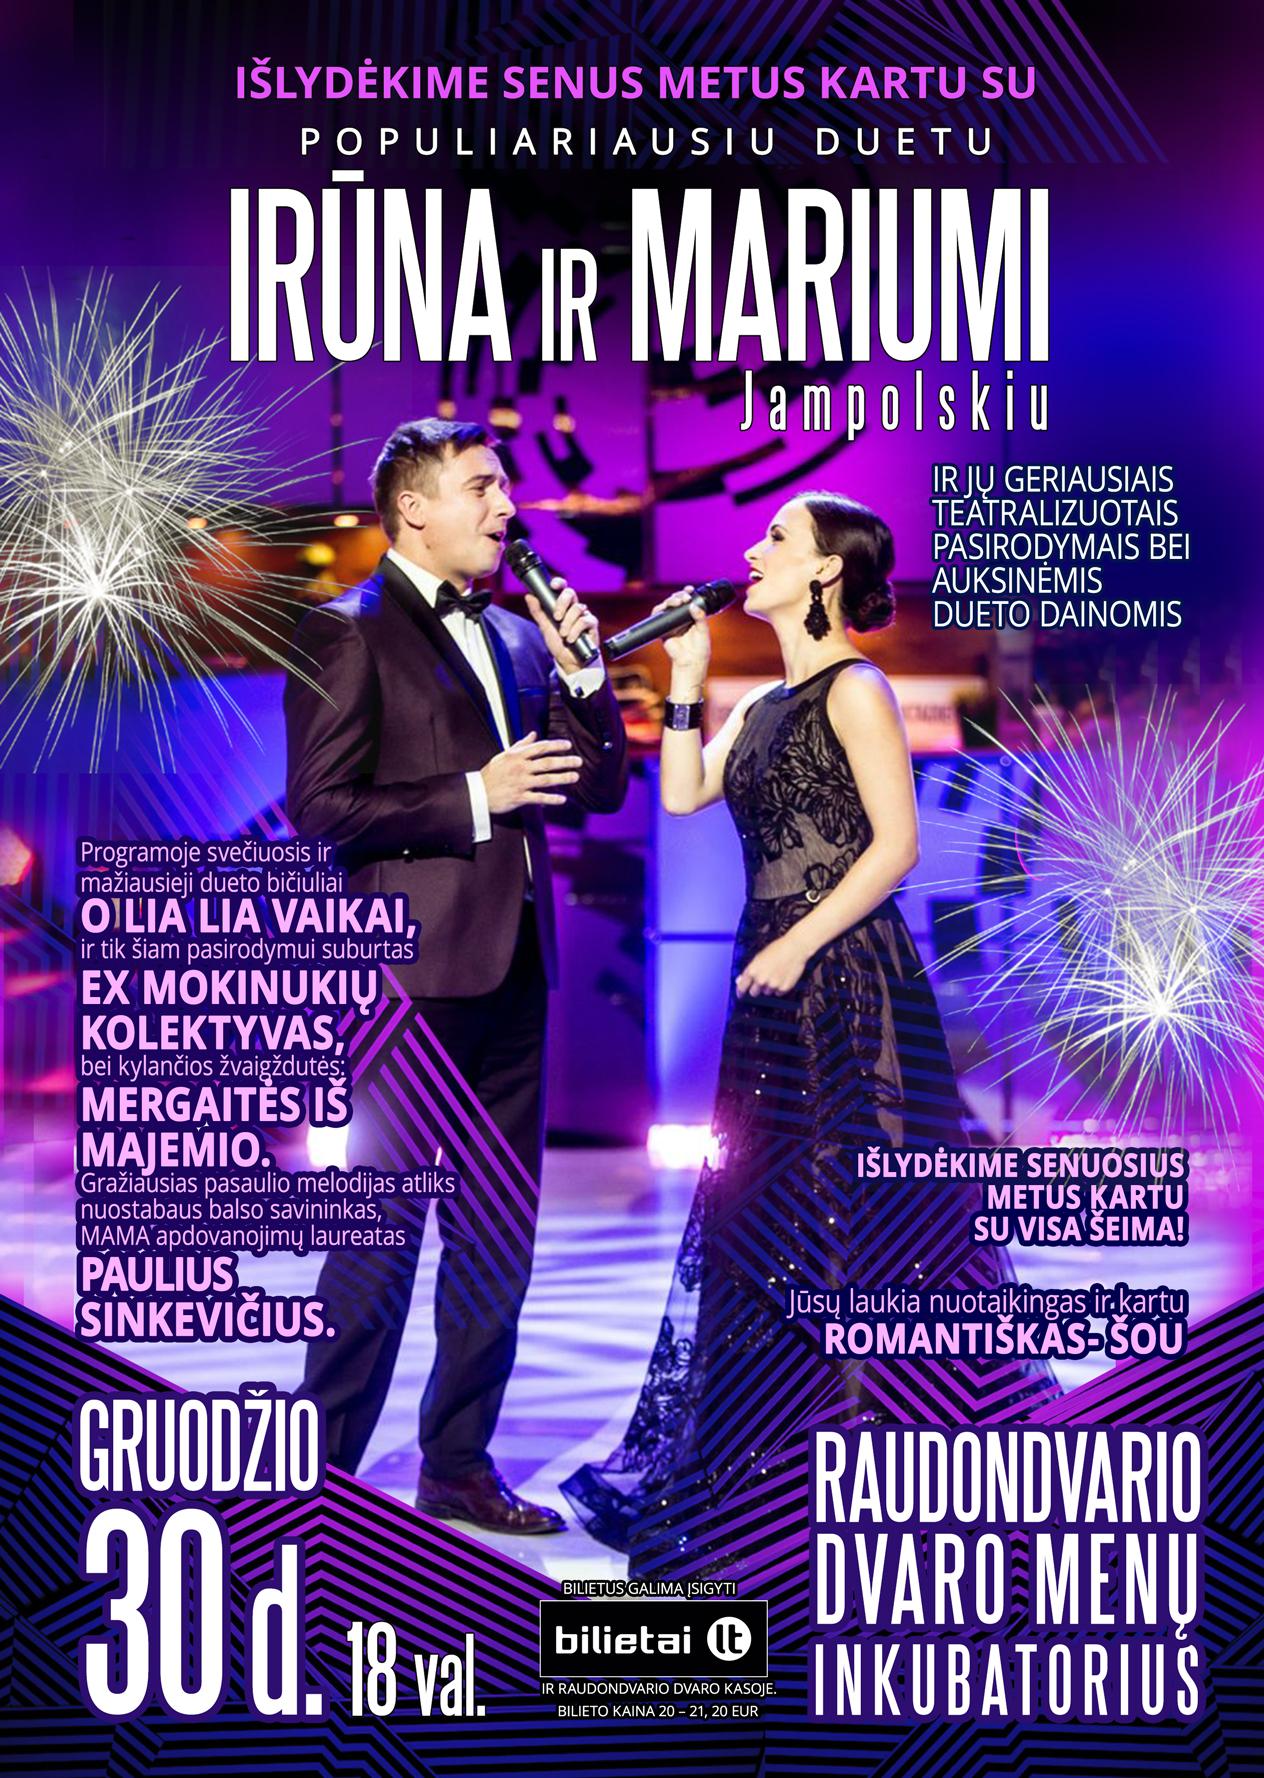 Išlydėkime senus metus kartu su populiariausiu duetu Irūna ir Mariumi Jampolskiu